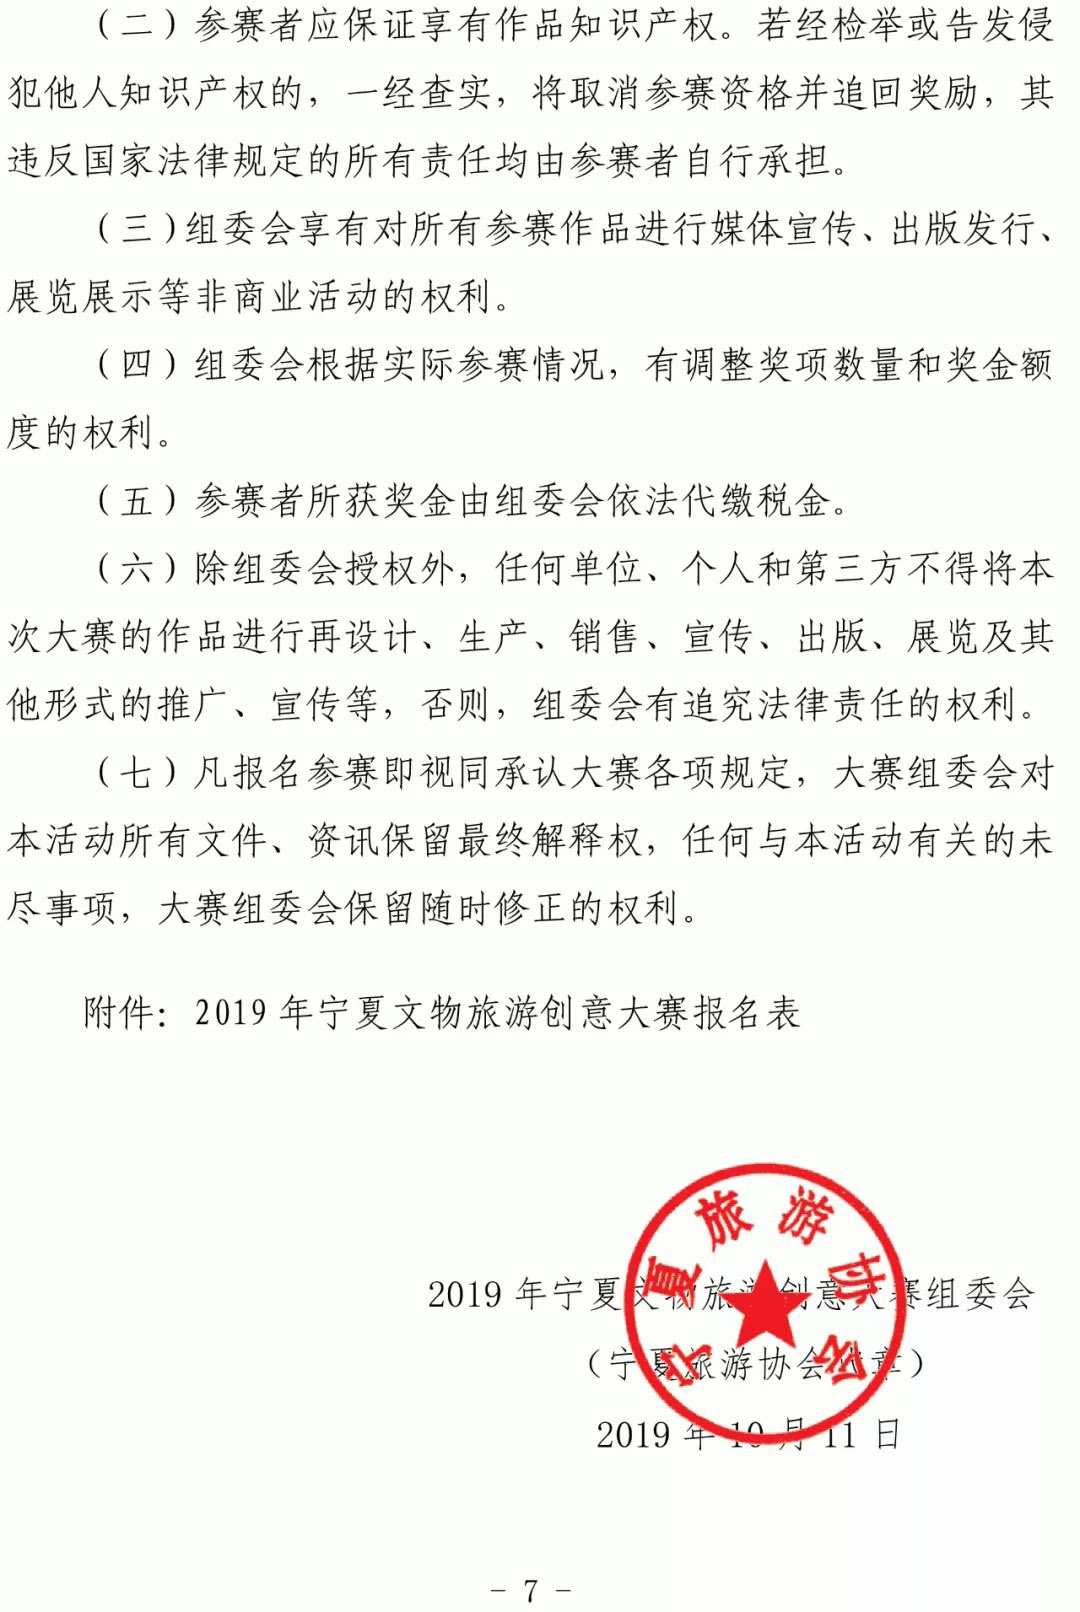 2019年寧夏文物旅遊創意大賽-07